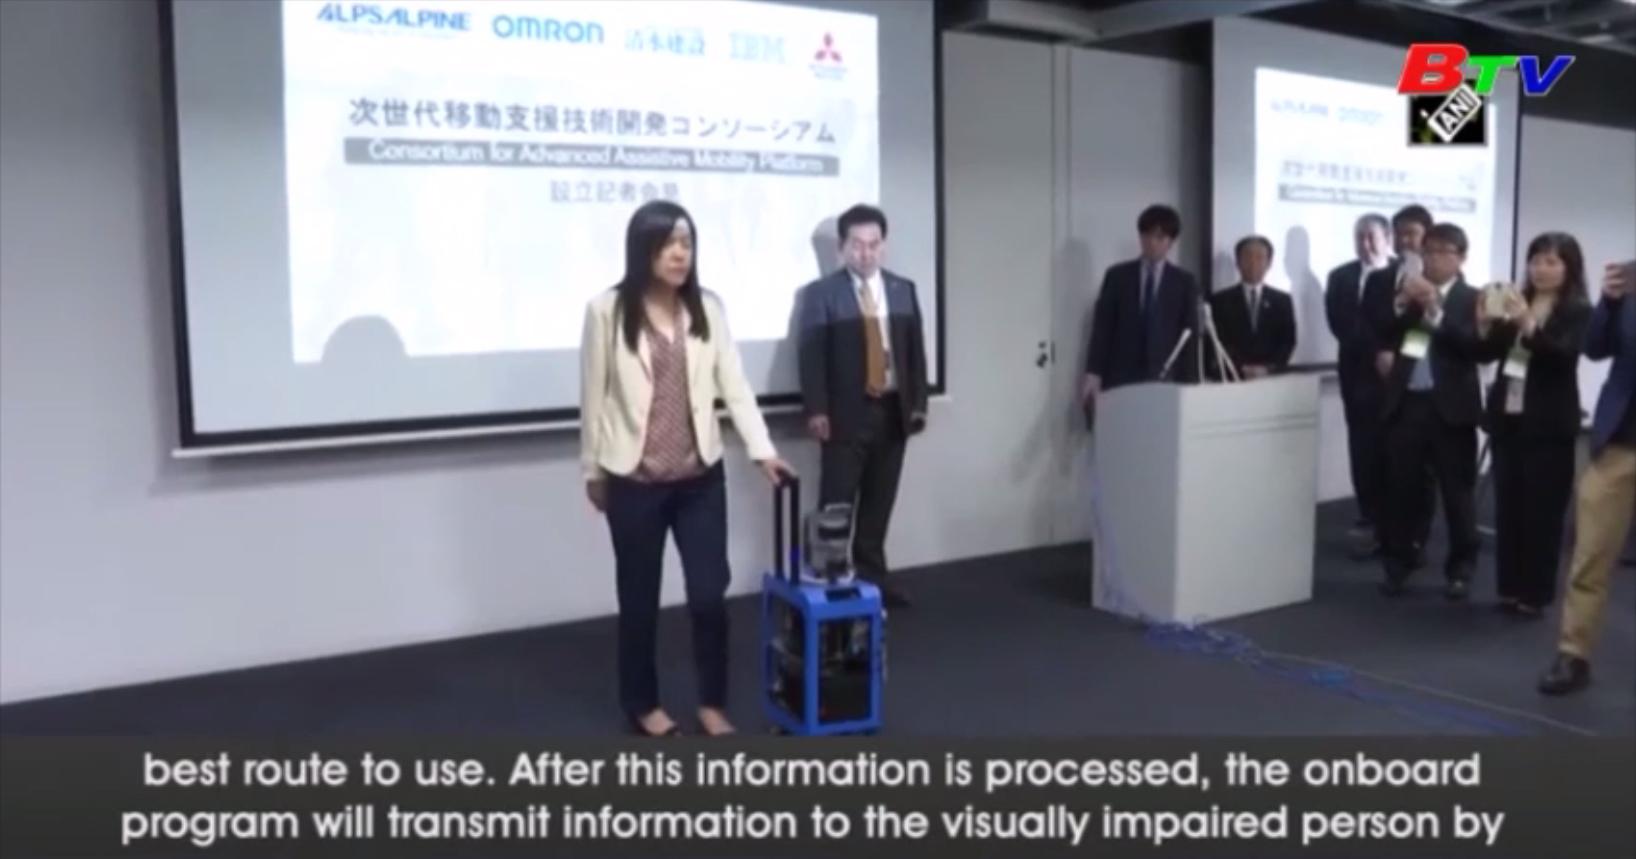 Nhật Bản phát triển robot dẫn đường dành cho người khiếm thị